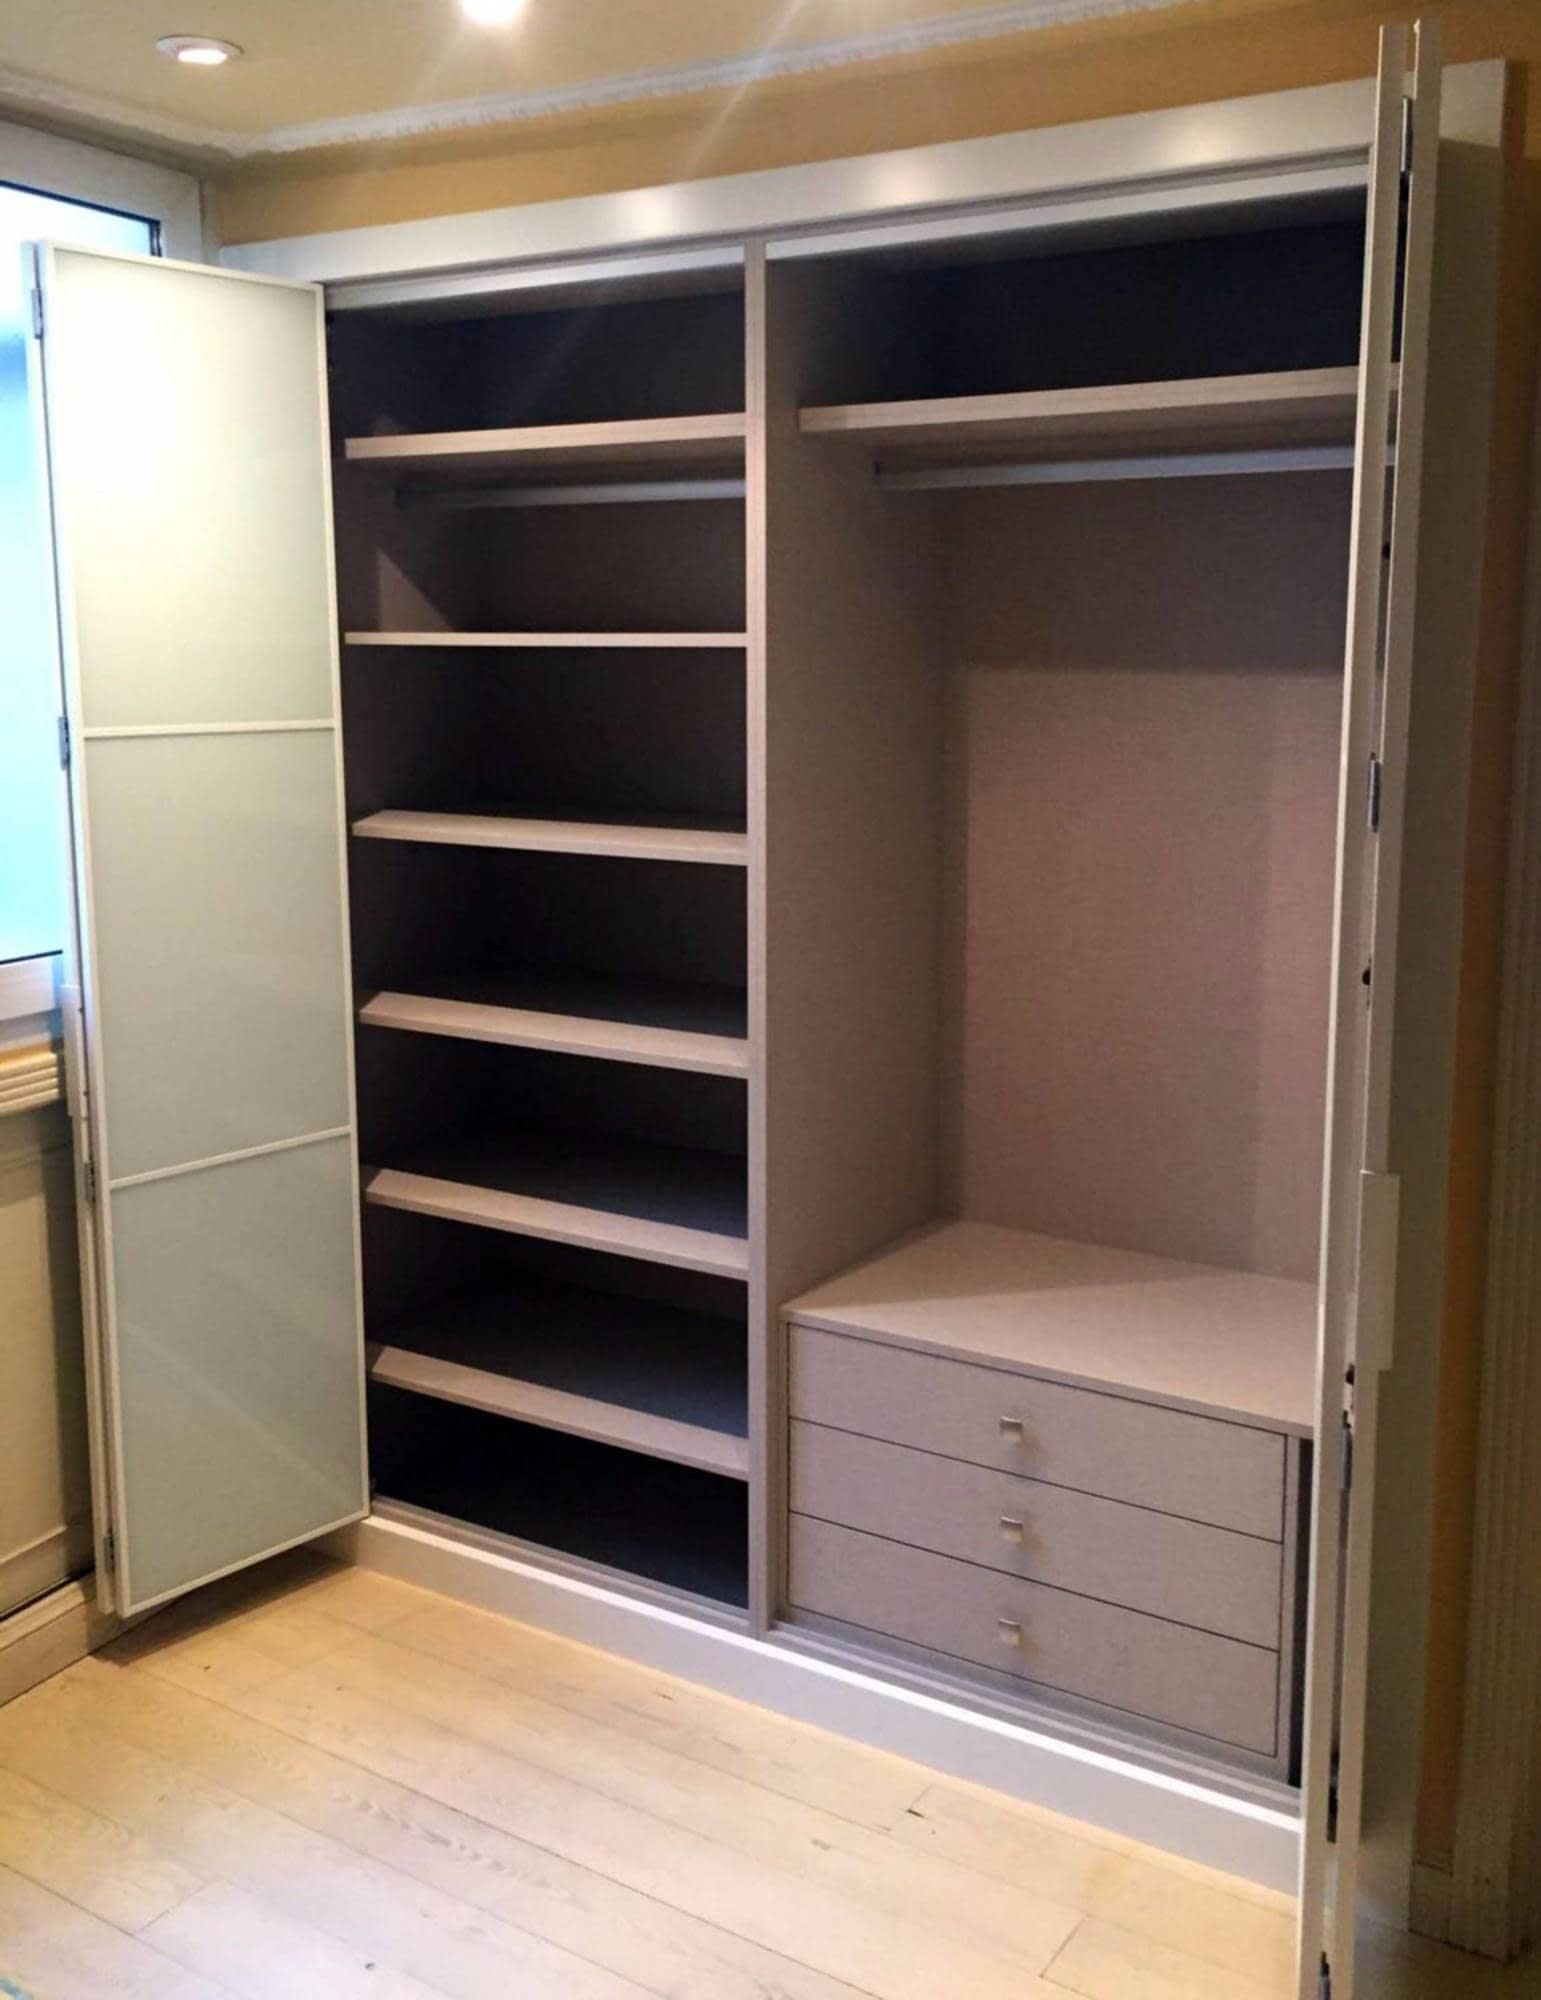 Interior armarios empotrados awesome empotrado interior - Armarios empotrados interiores ...